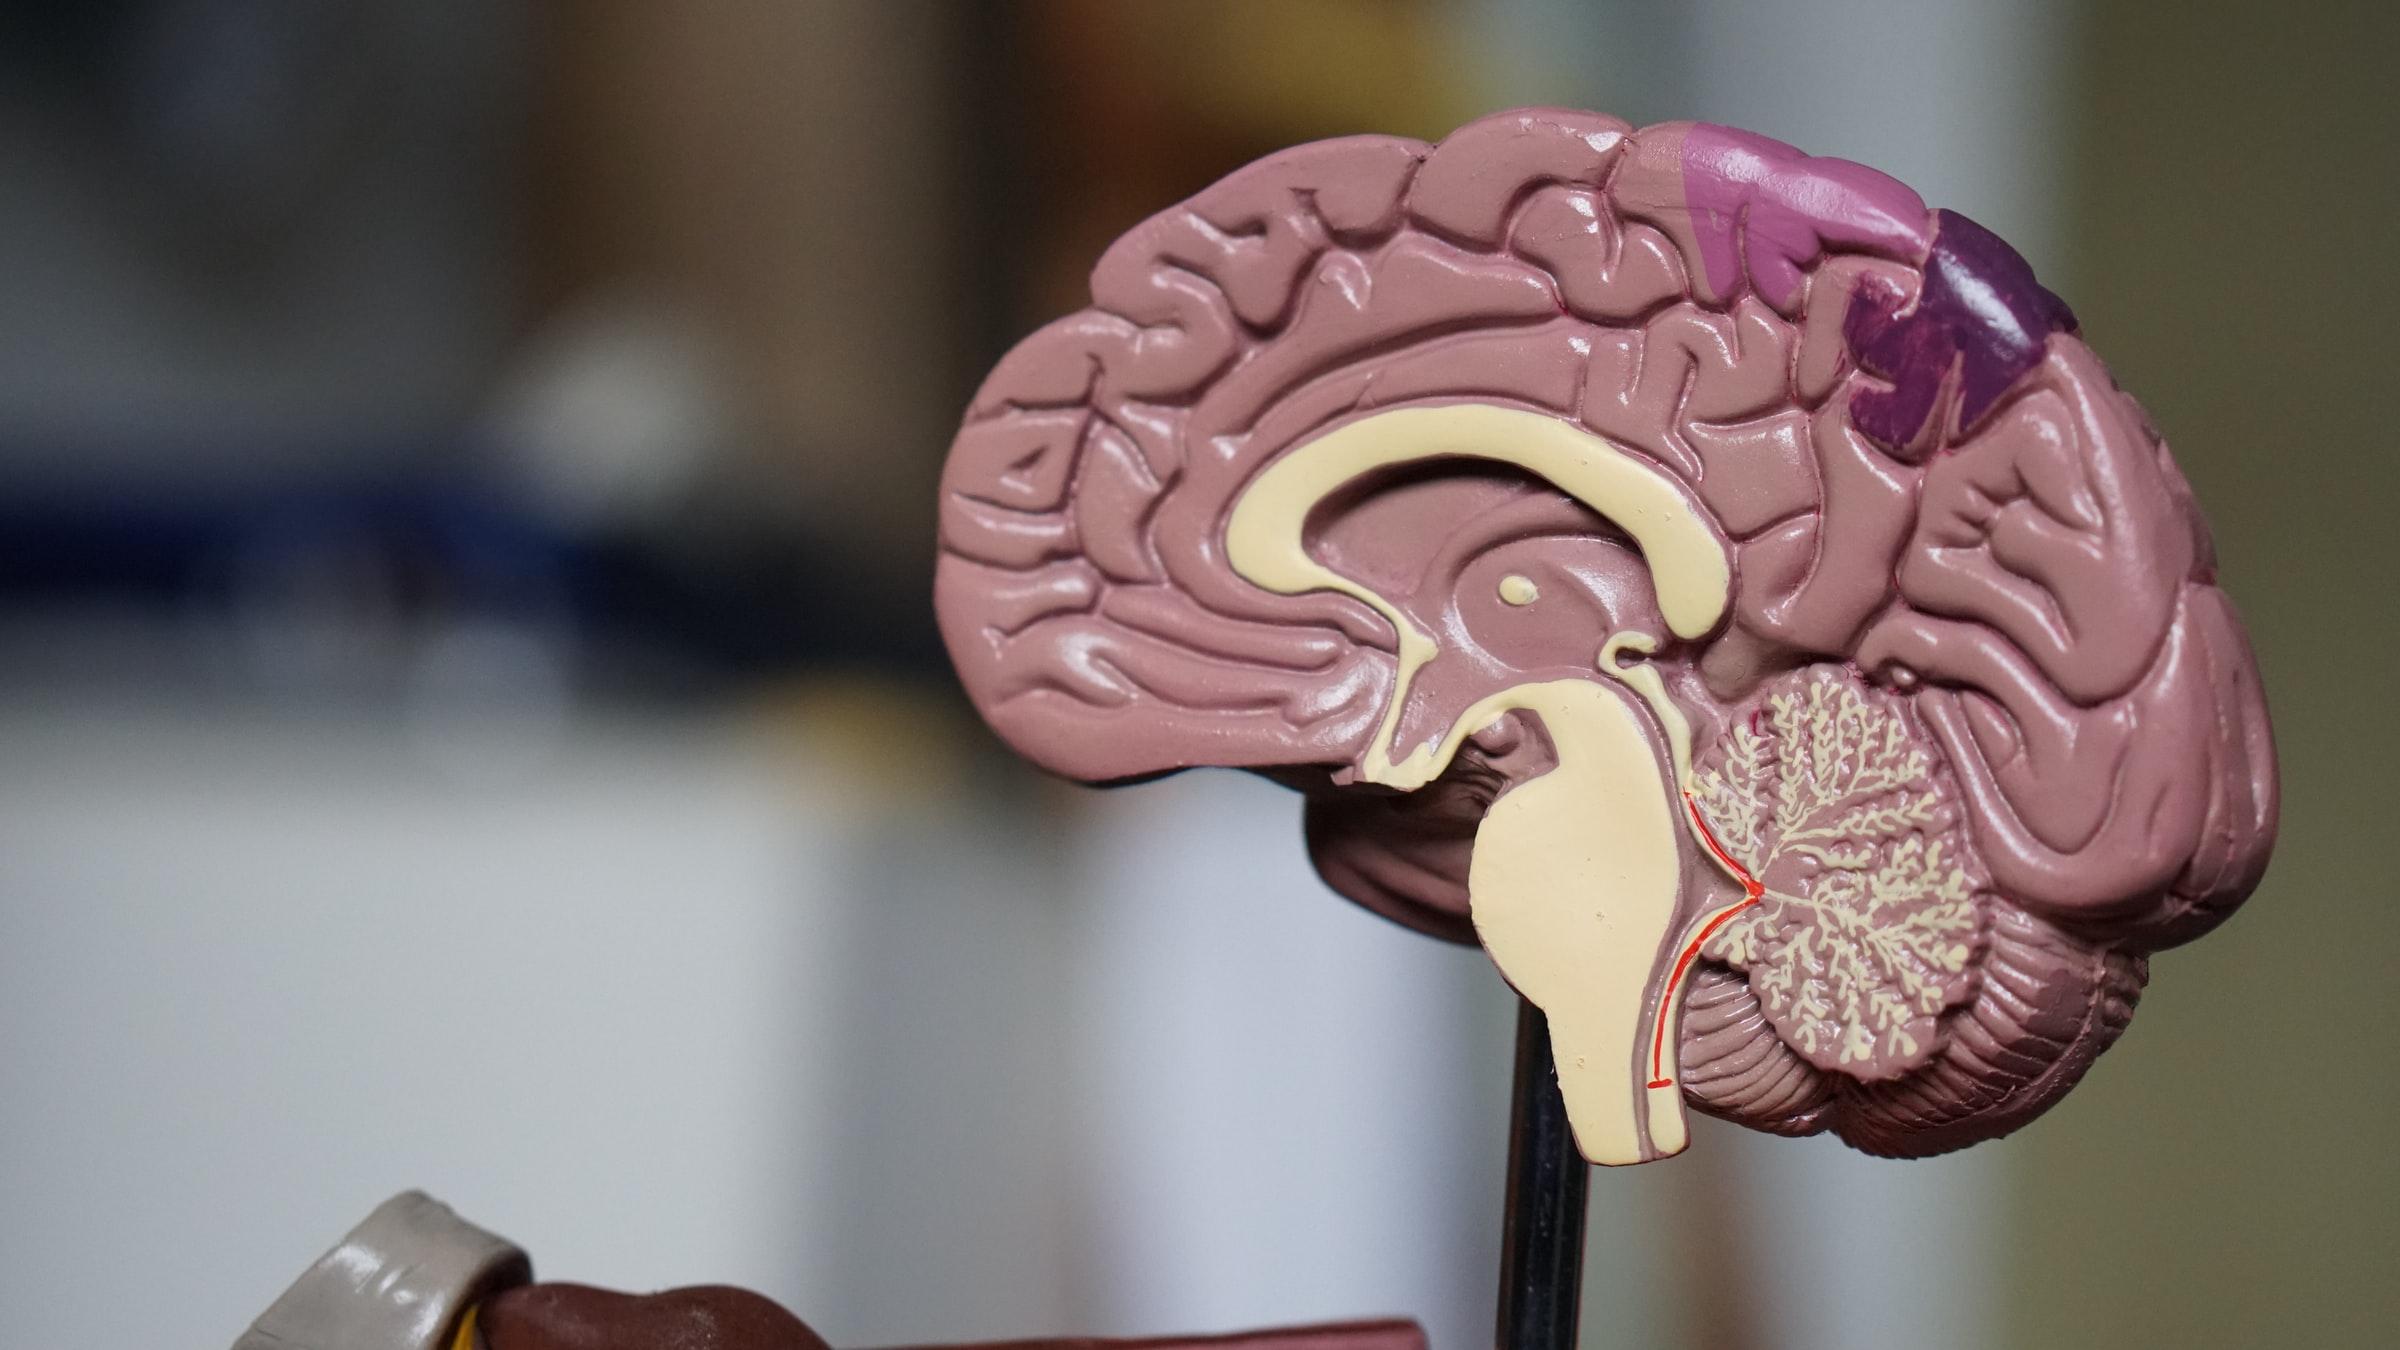 model van de hersenen